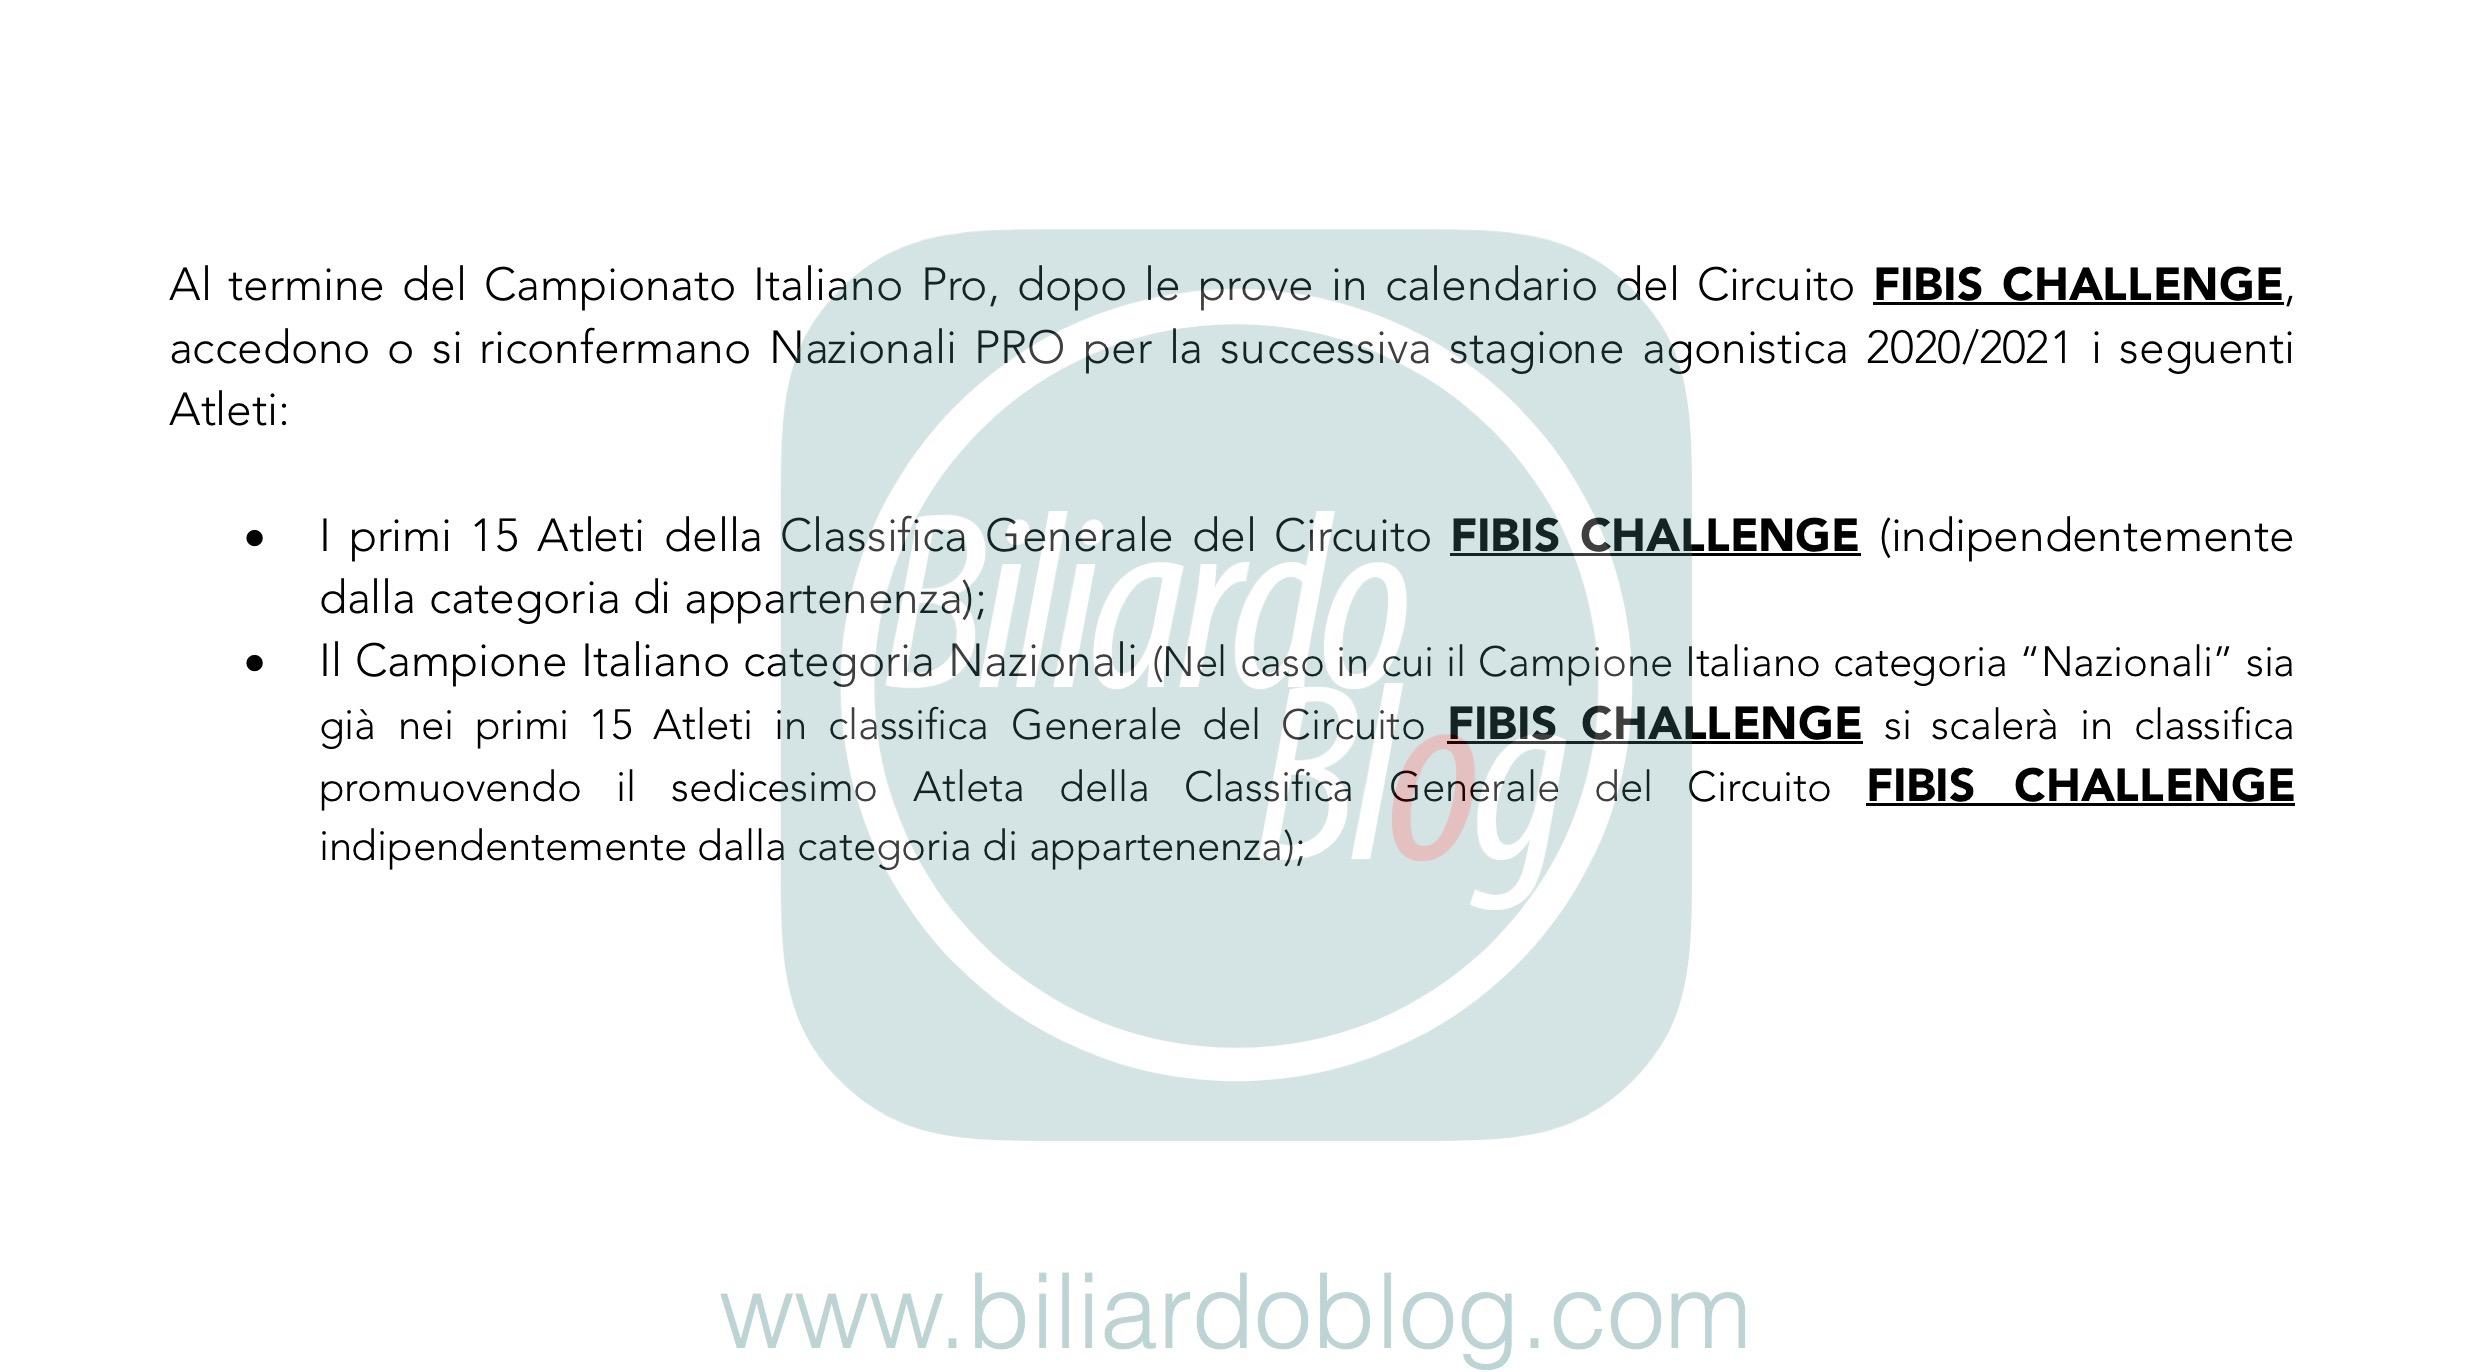 Regolamento Tecnico Campionato Biliardo 2019 2020: i Nazionali